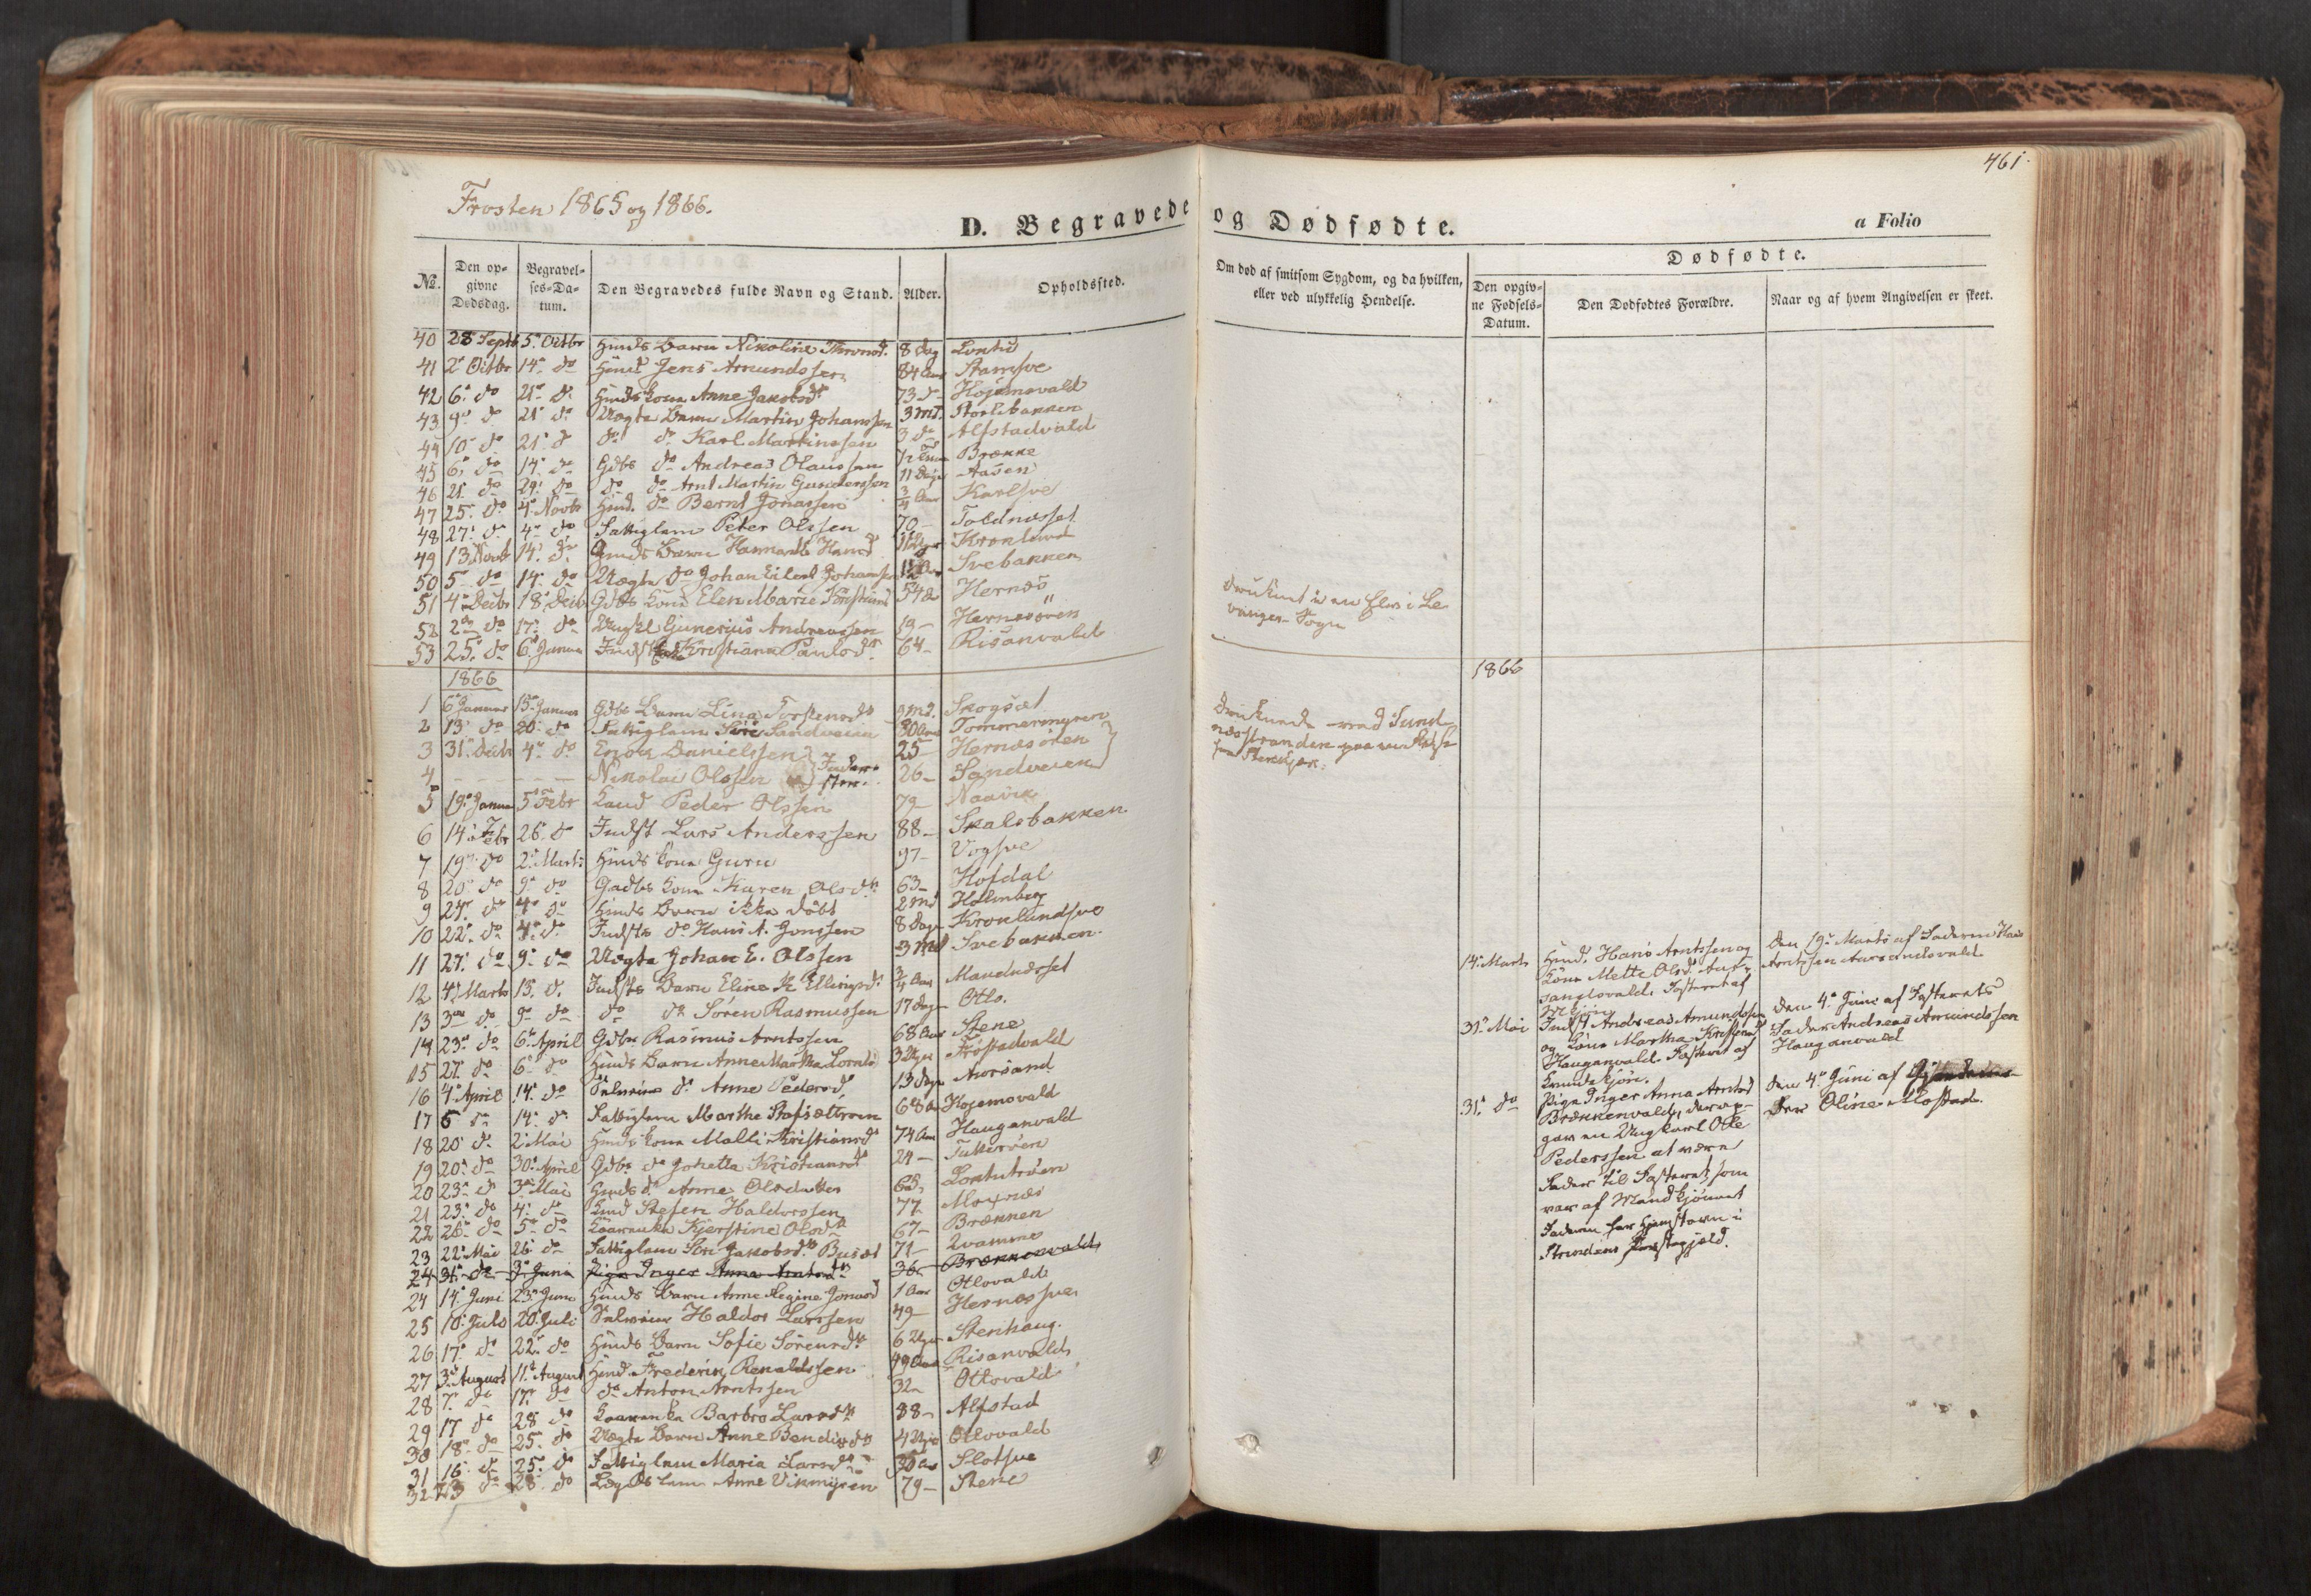 SAT, Ministerialprotokoller, klokkerbøker og fødselsregistre - Nord-Trøndelag, 713/L0116: Ministerialbok nr. 713A07, 1850-1877, s. 461